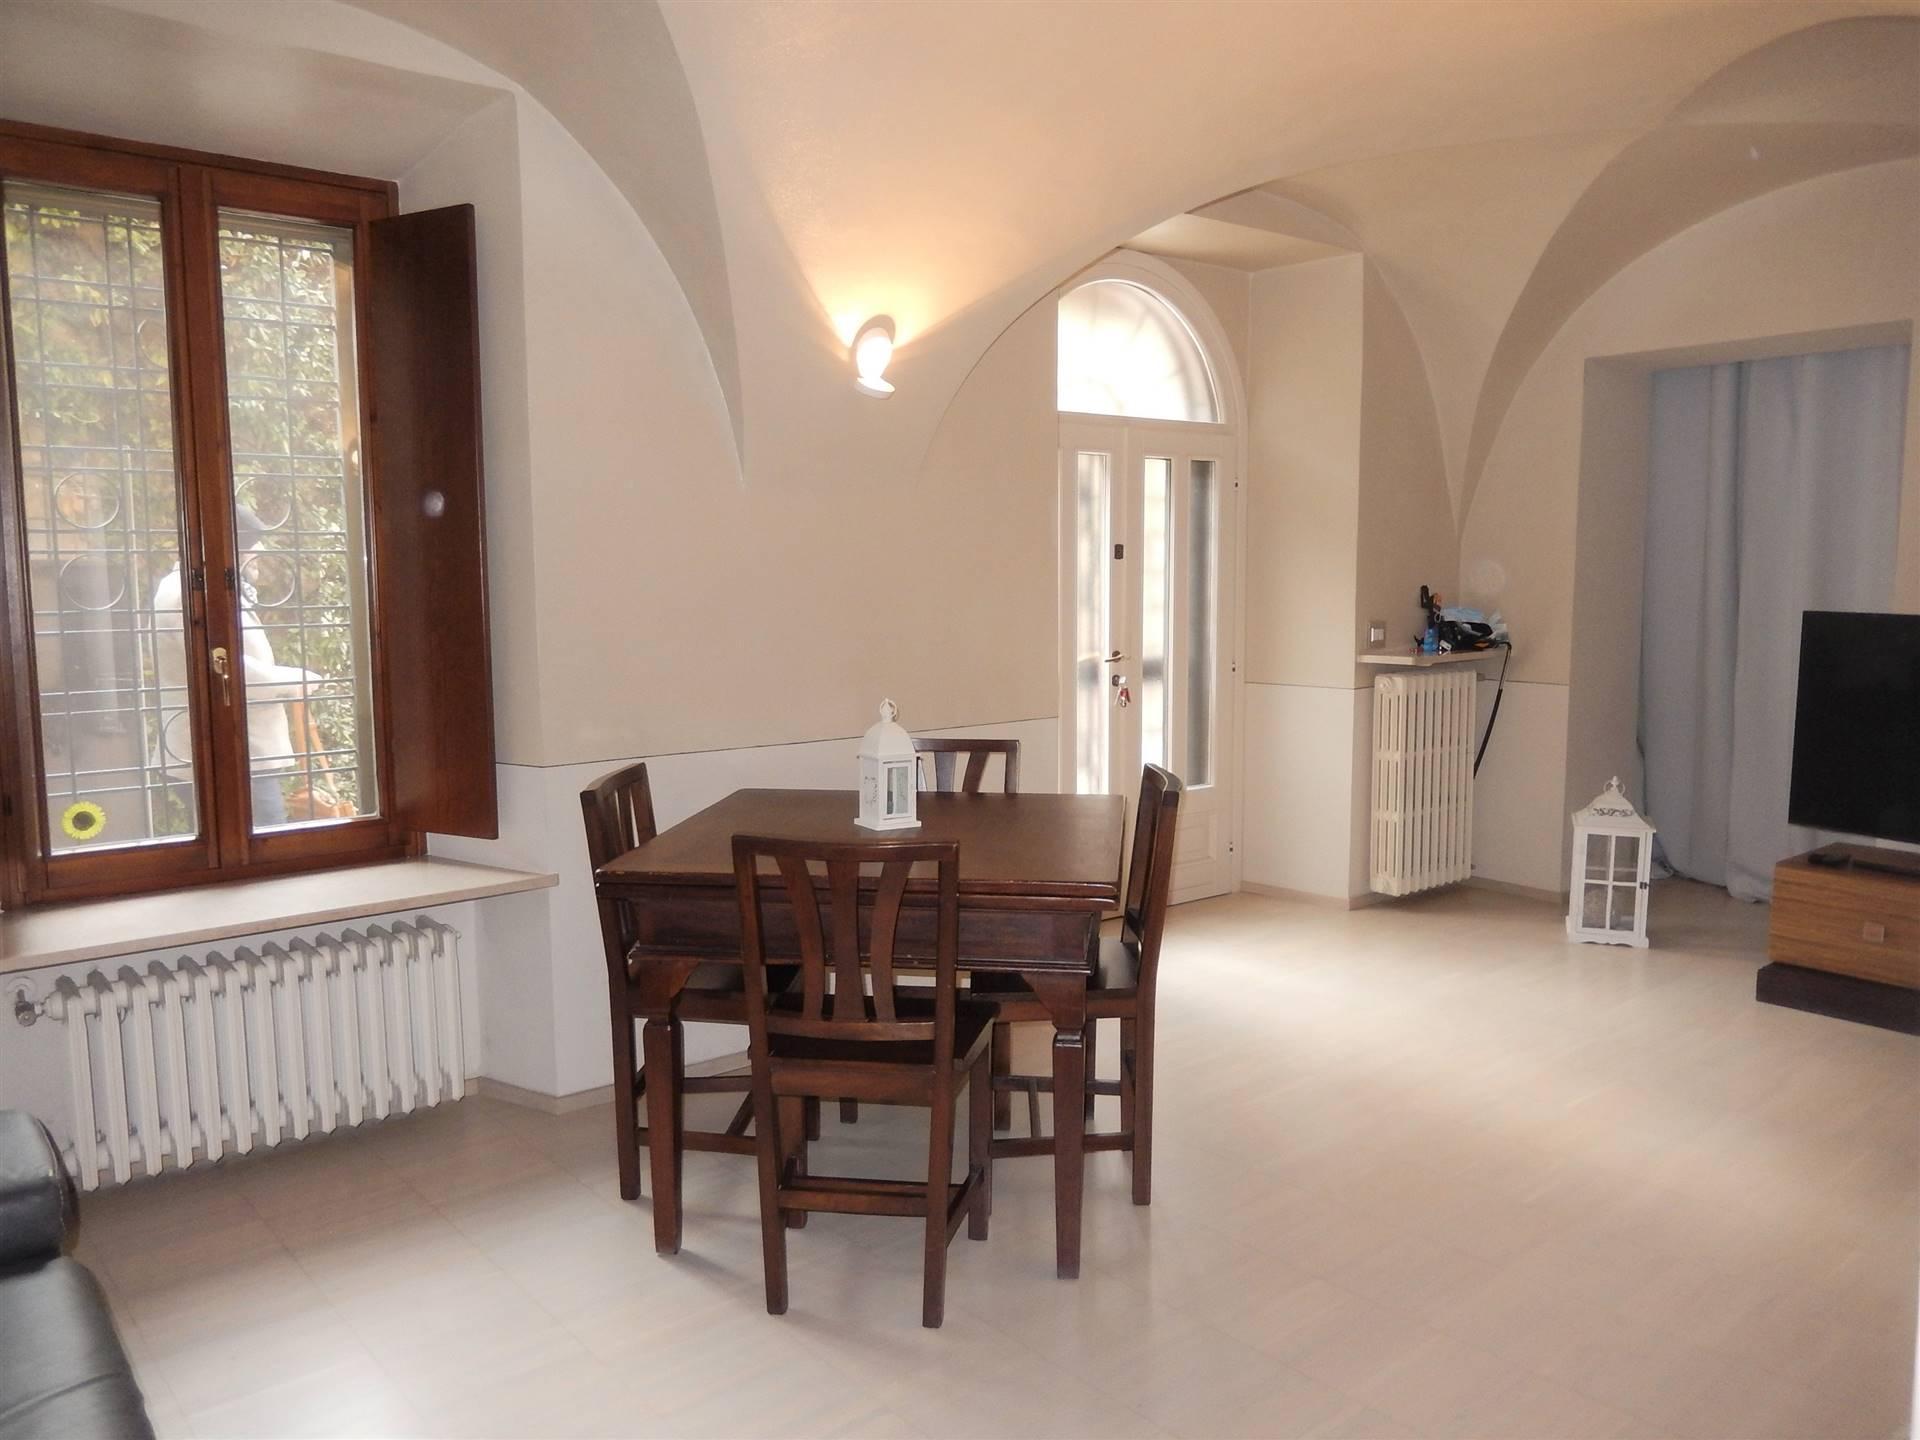 Appartamento in vendita a Volta Mantovana, 3 locali, prezzo € 128.000 | CambioCasa.it